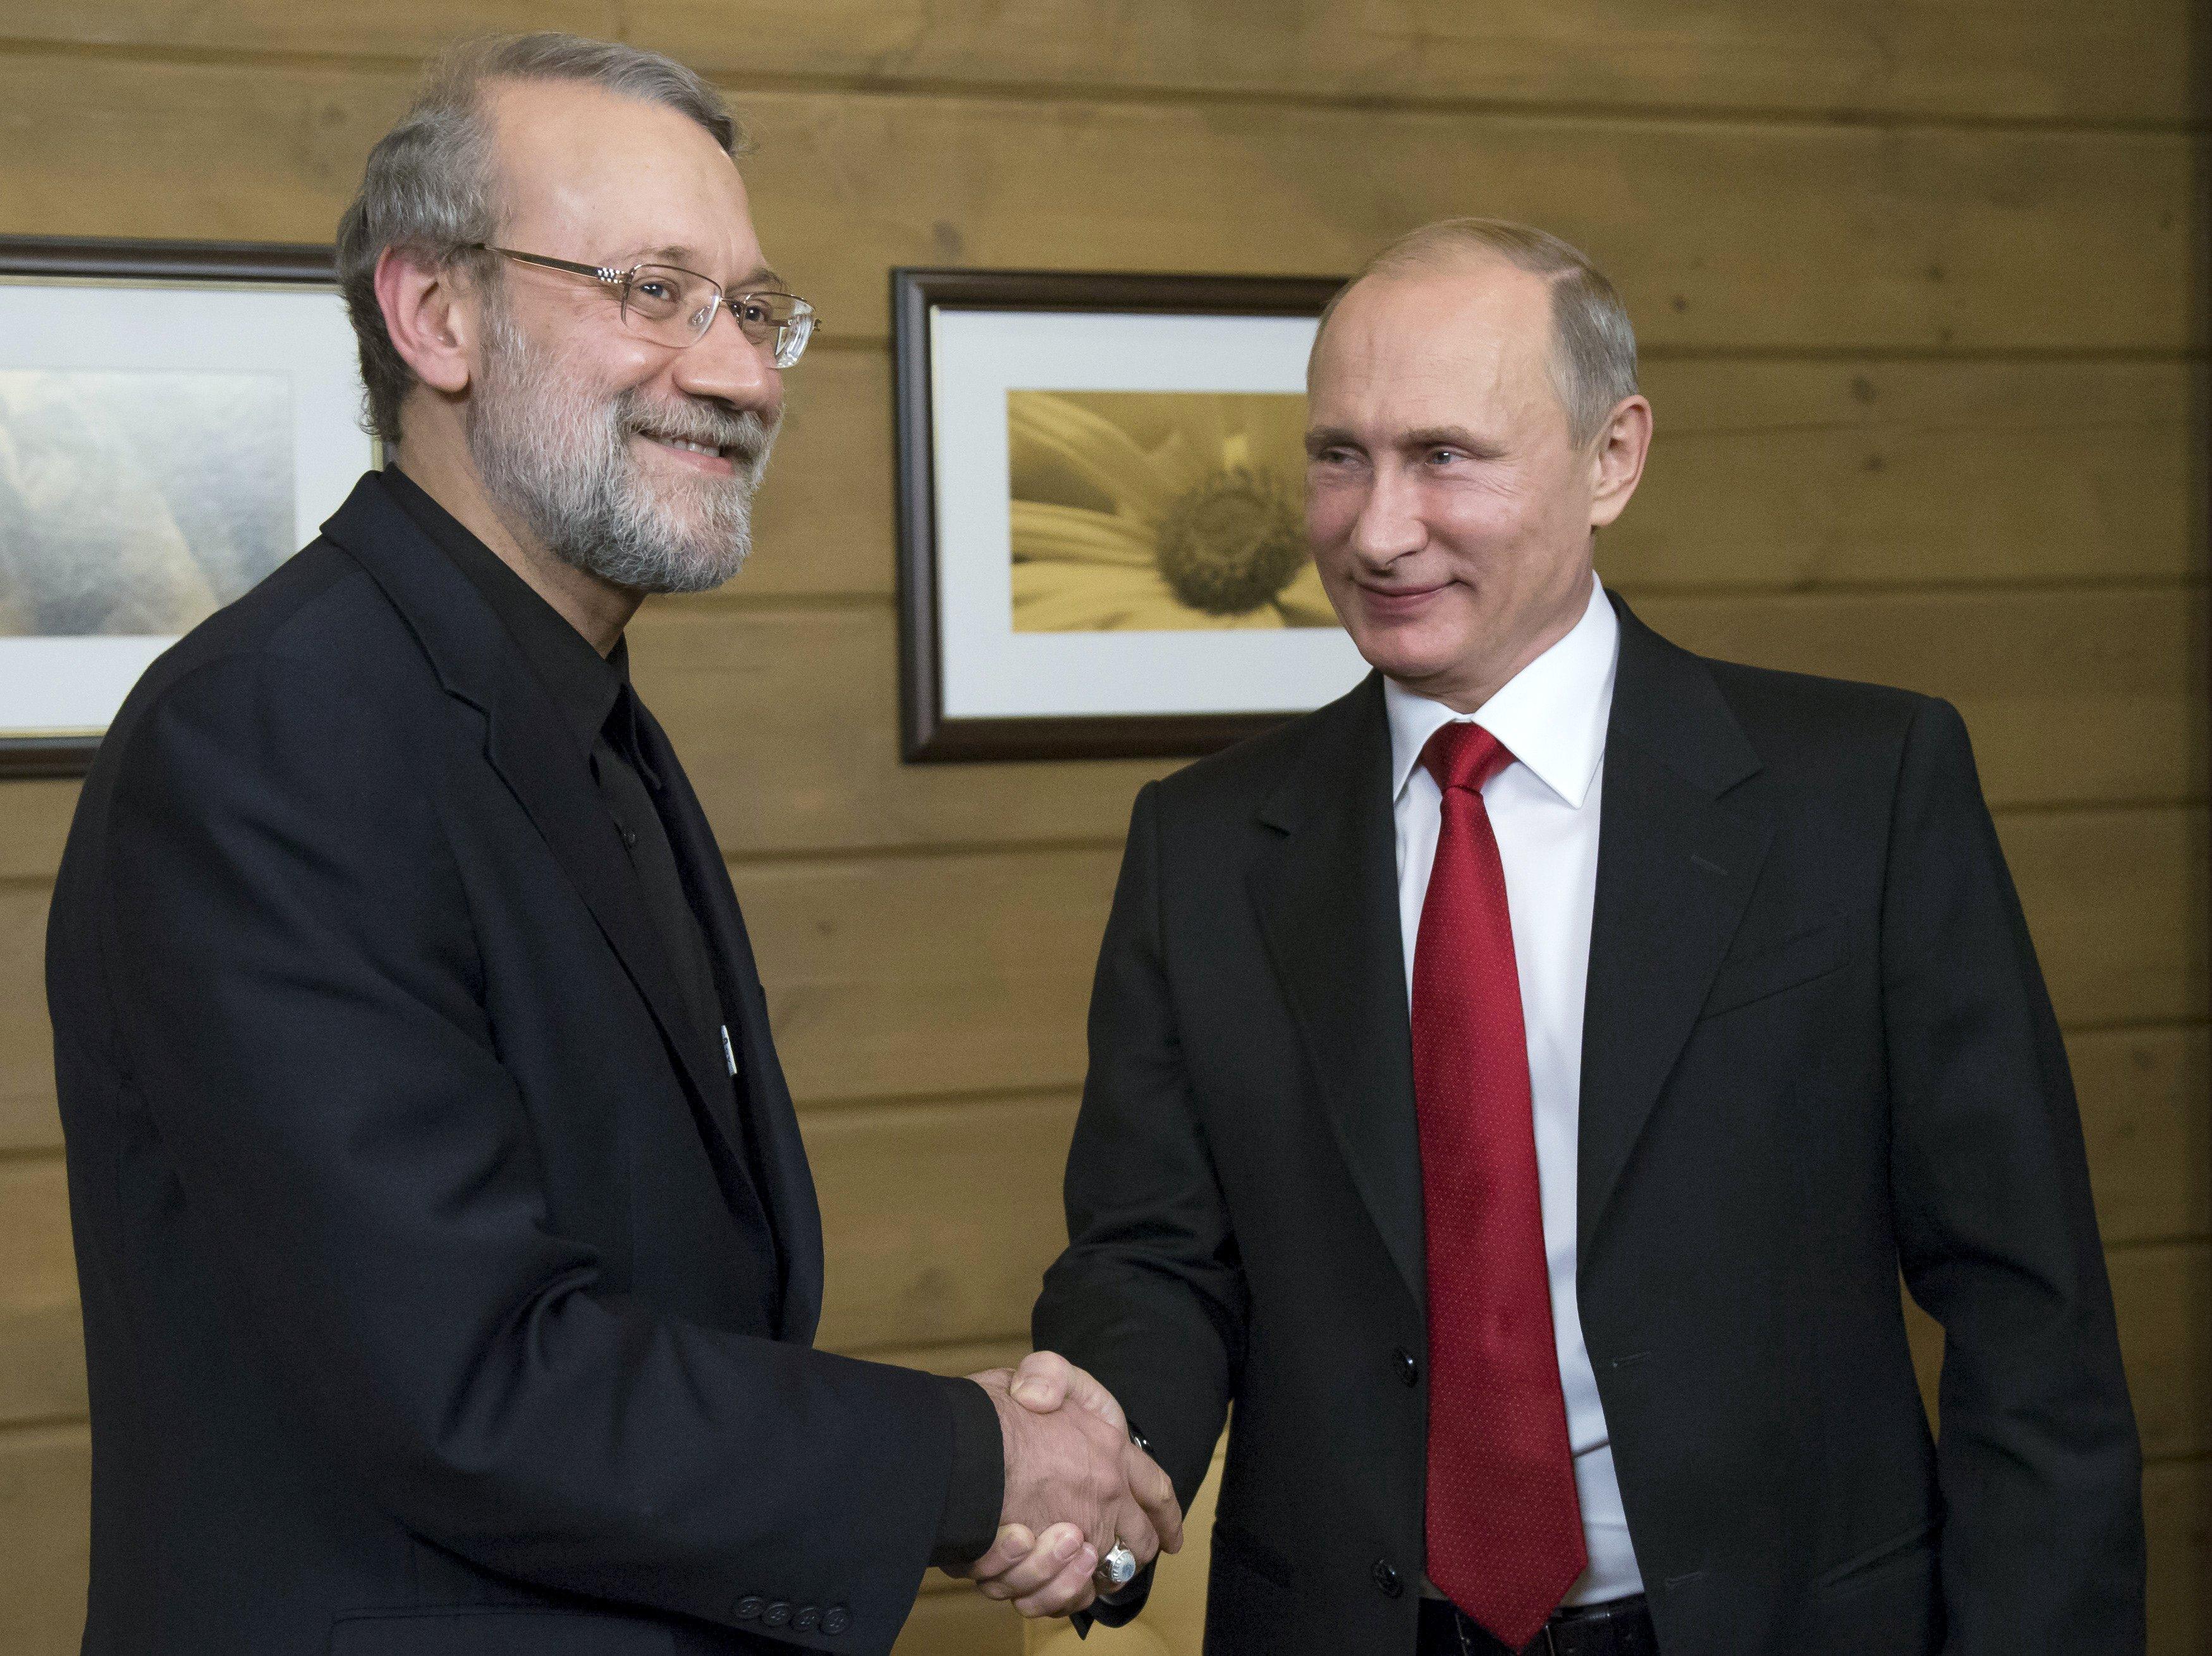 Presiden Rusia Vladimir Putin (kanan) bersalaman dengan Ketua Parlemen Iran Ali Larijani saat mereka bertemu setelah sesi Klub Diskusi Internasional Valdai di Sochi, Rusia, Kamis (22/10). ANTARA FOTO/REUTERS/Alexander Zemlianichenko.